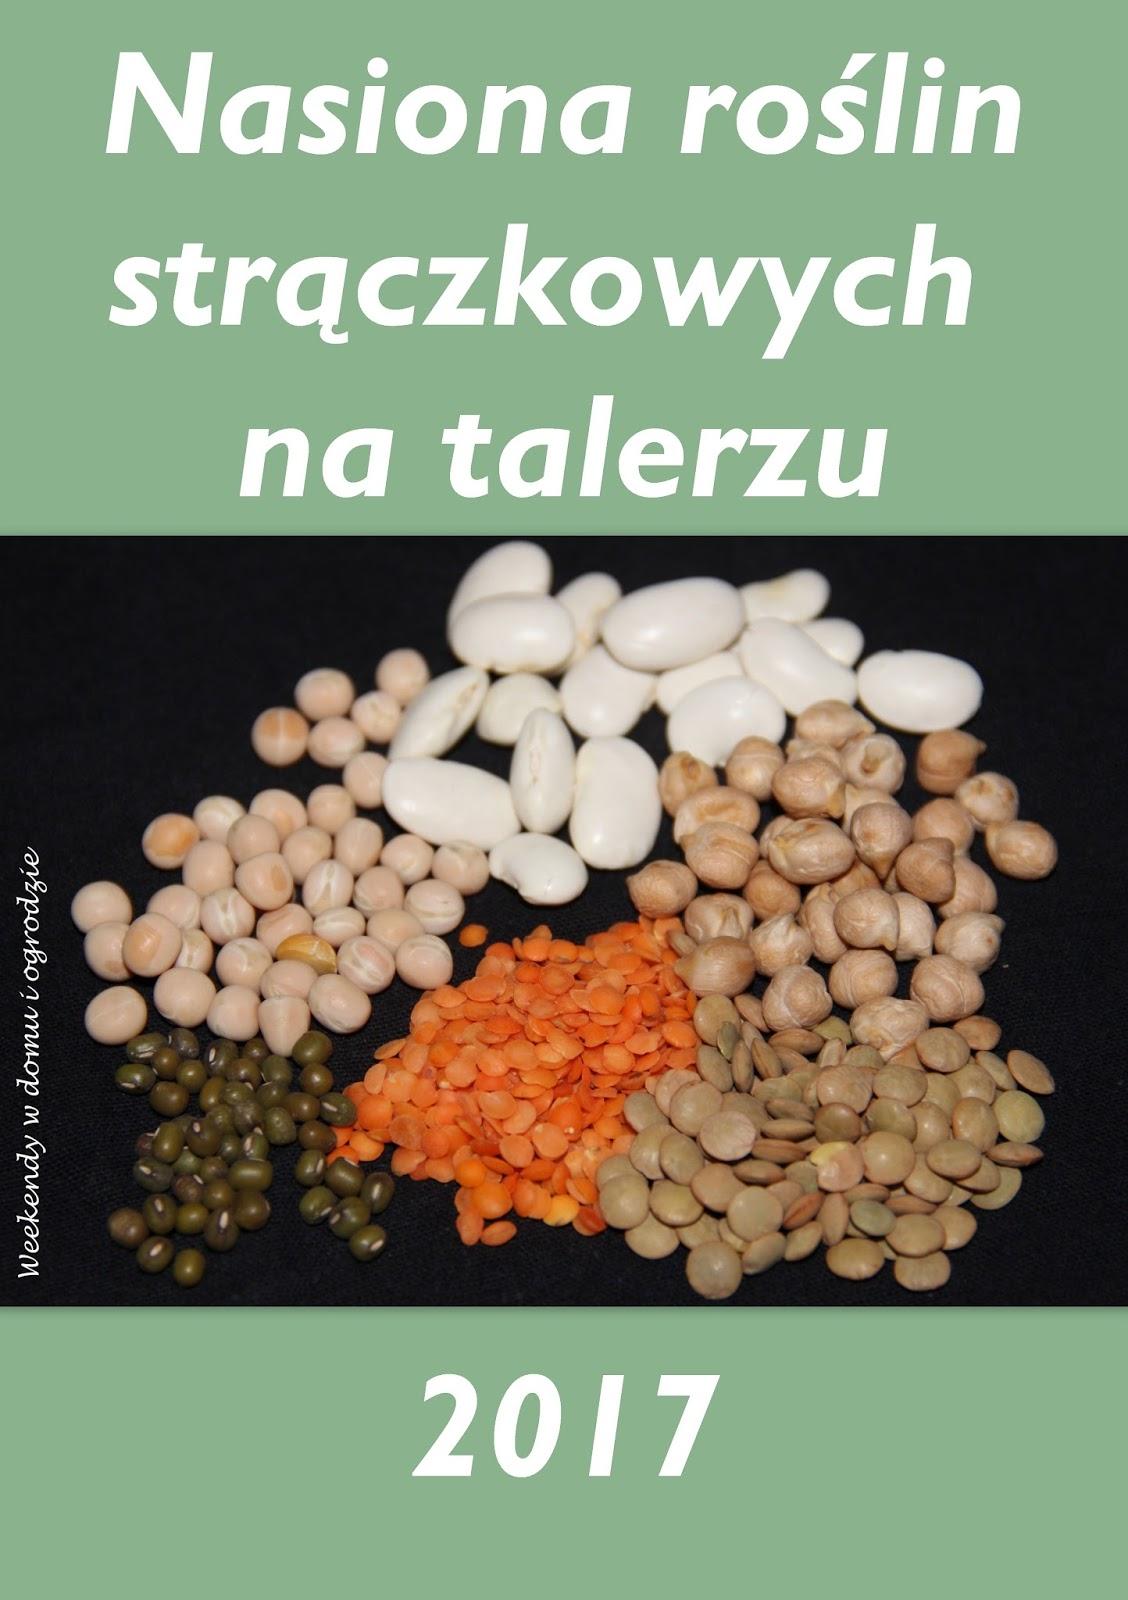 https://weekendywdomuiogrodzie.blogspot.com/2017/02/nasiona-roslin-straczkowych-na-talerzu.html